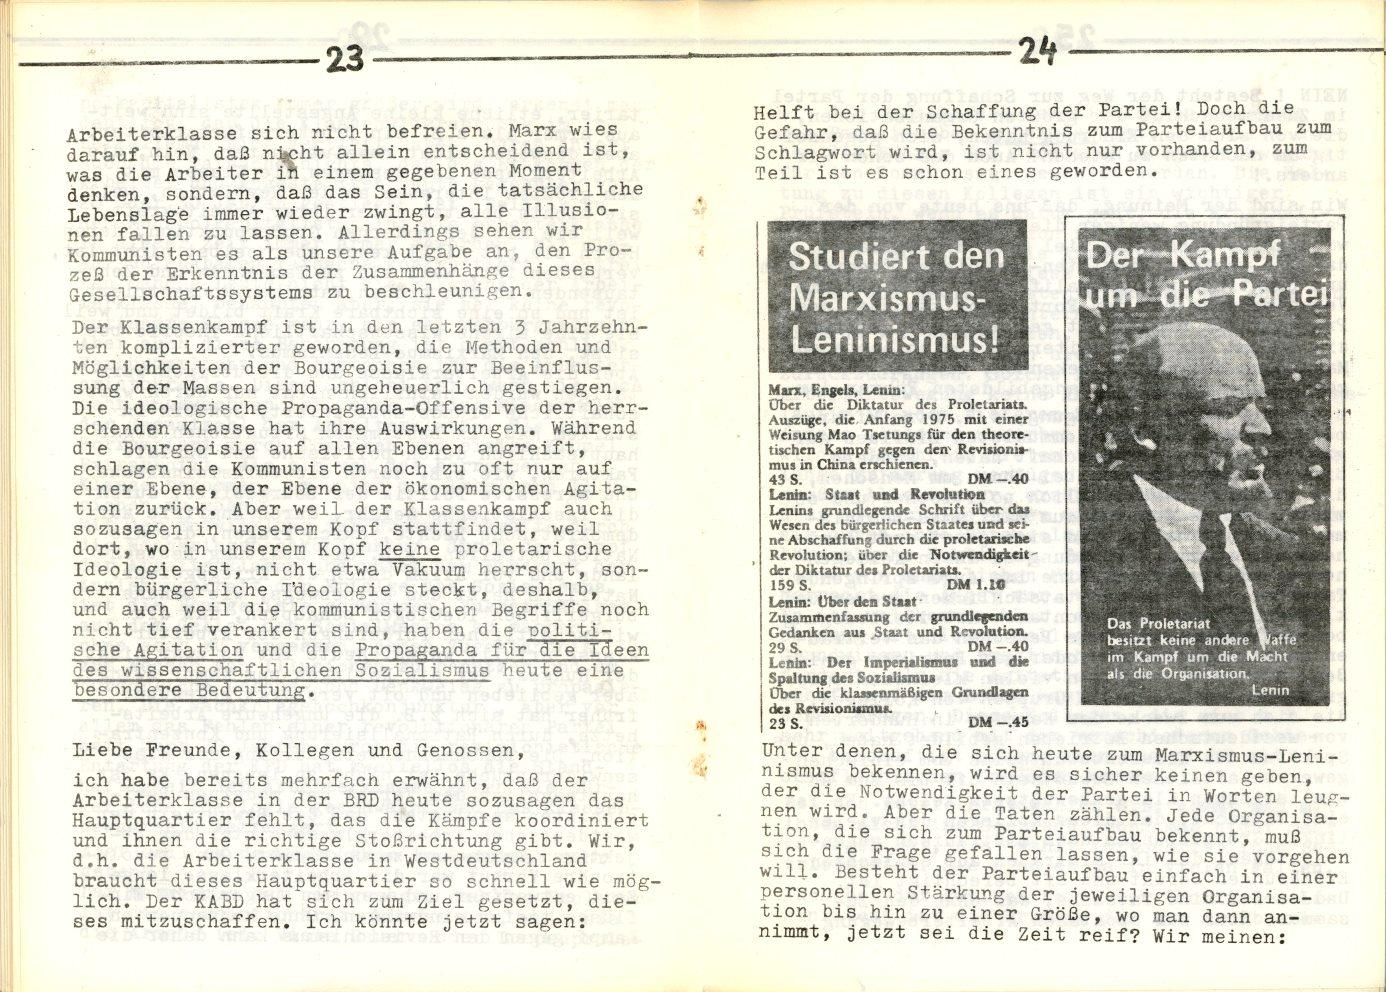 Frankfurt_KABD_zum_Ersten_Mai_1976_13